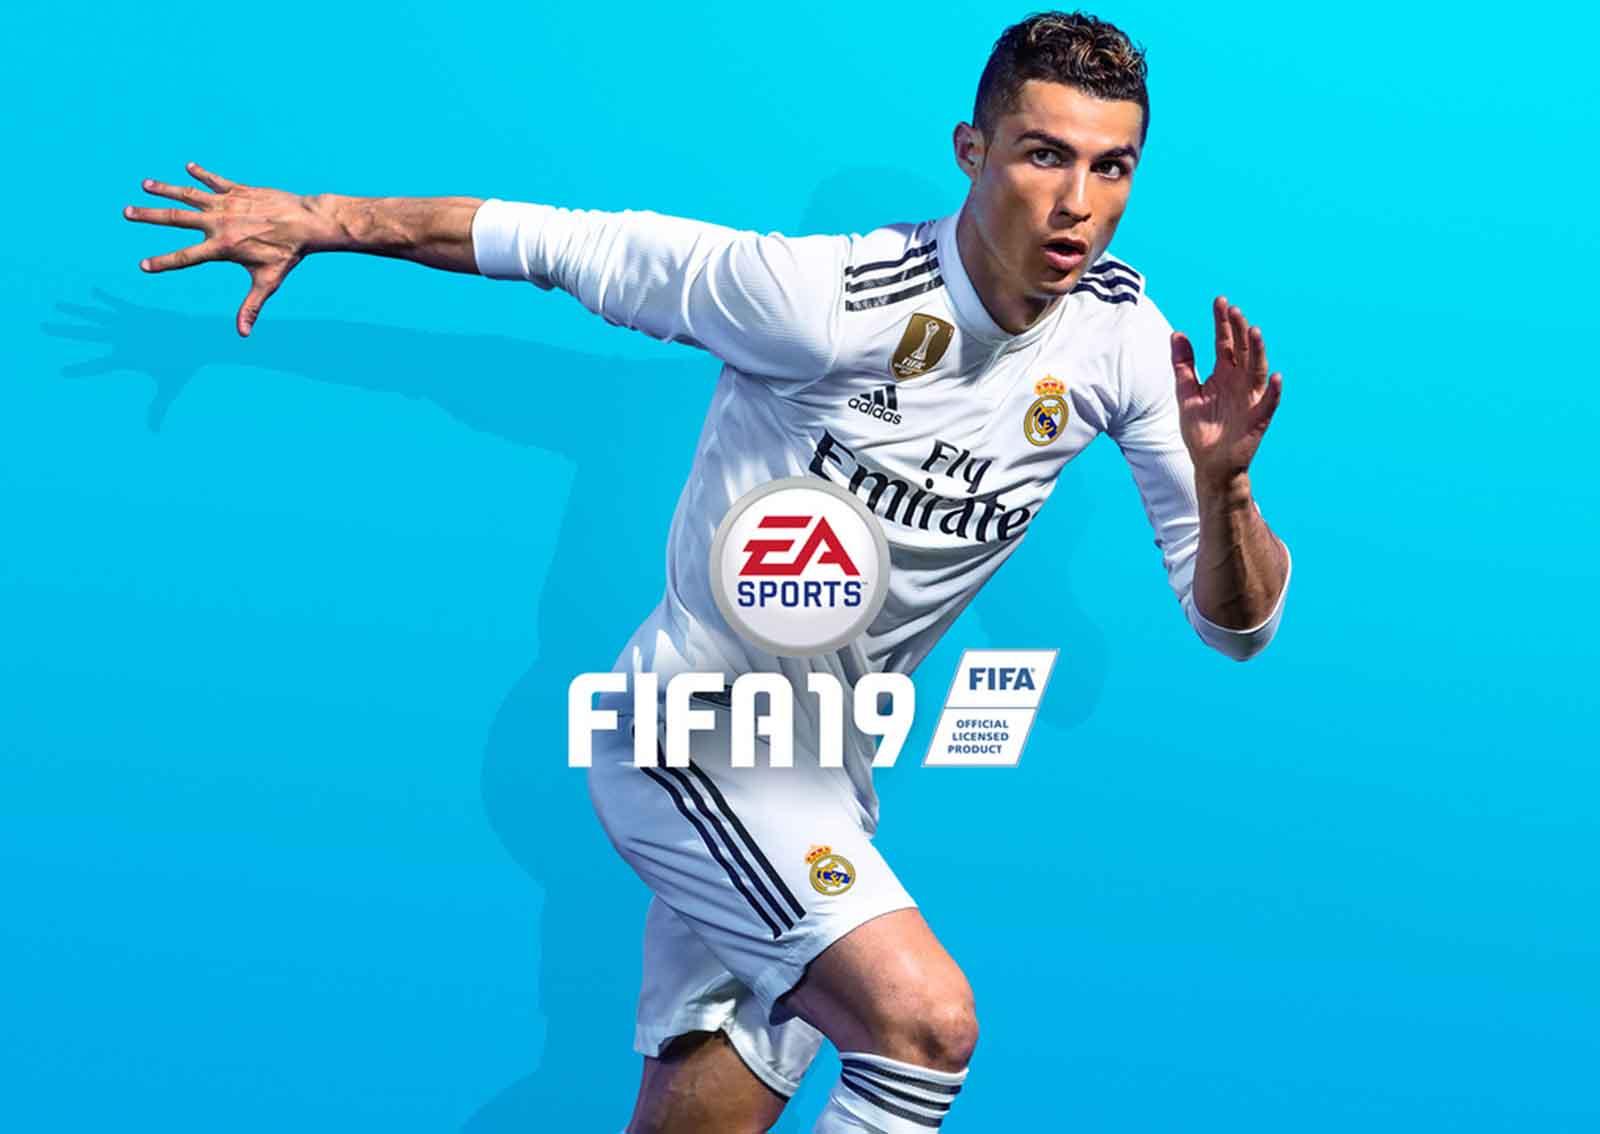 Patc Update FIFA 19, Update Terkini FIFA 19, Update Squad